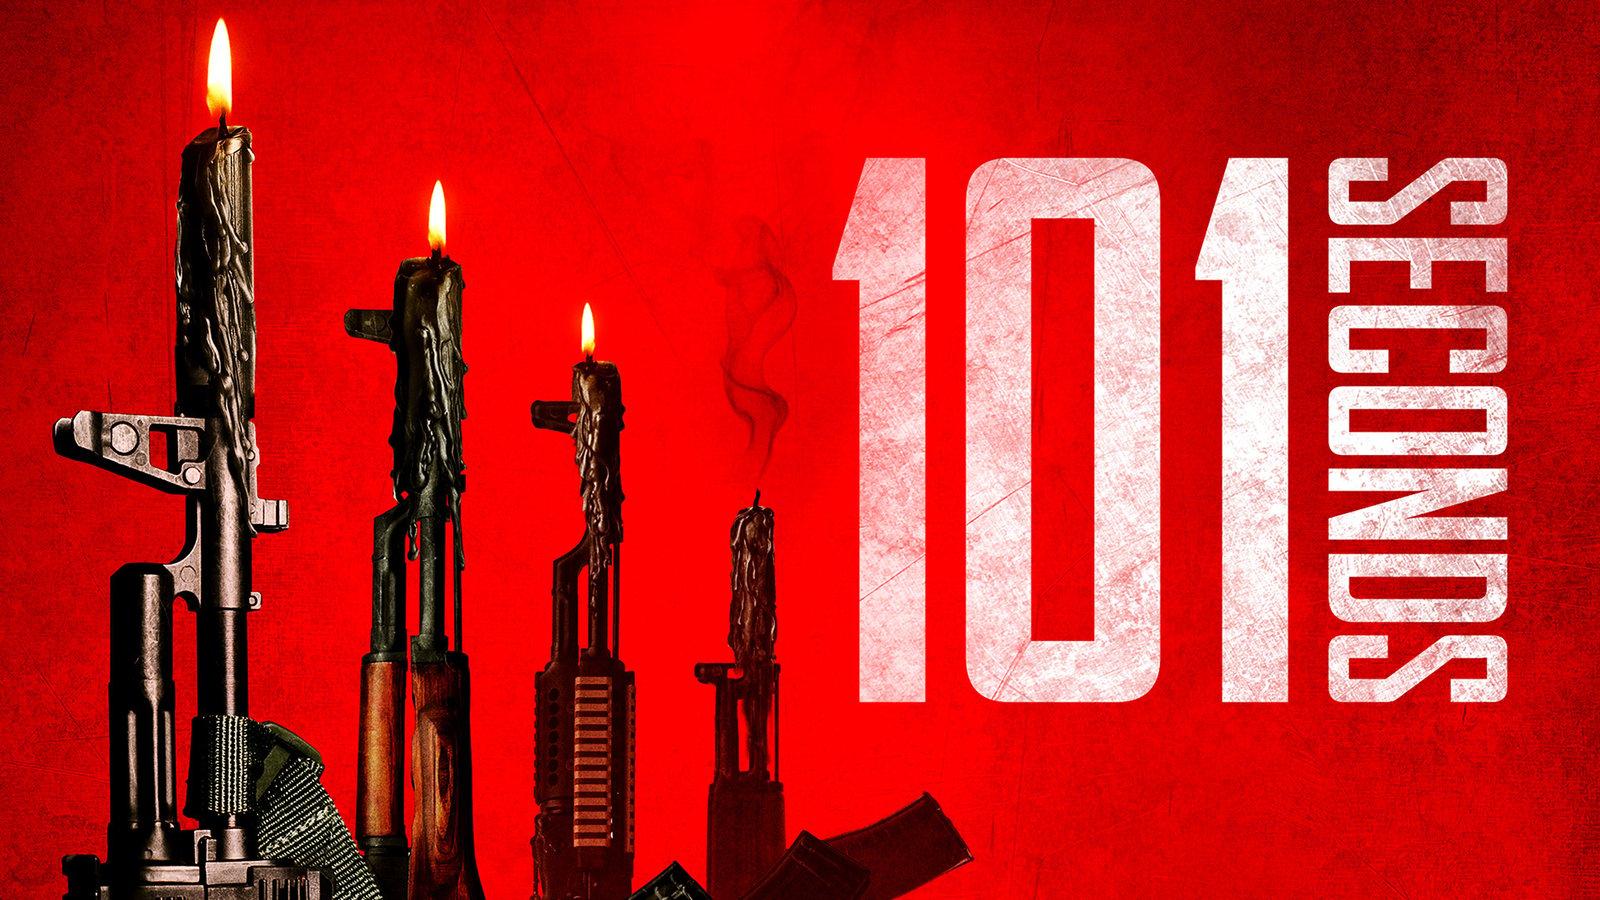 101 Seconds - Gun Legislation Debate After a Mass Shooting in Oregon